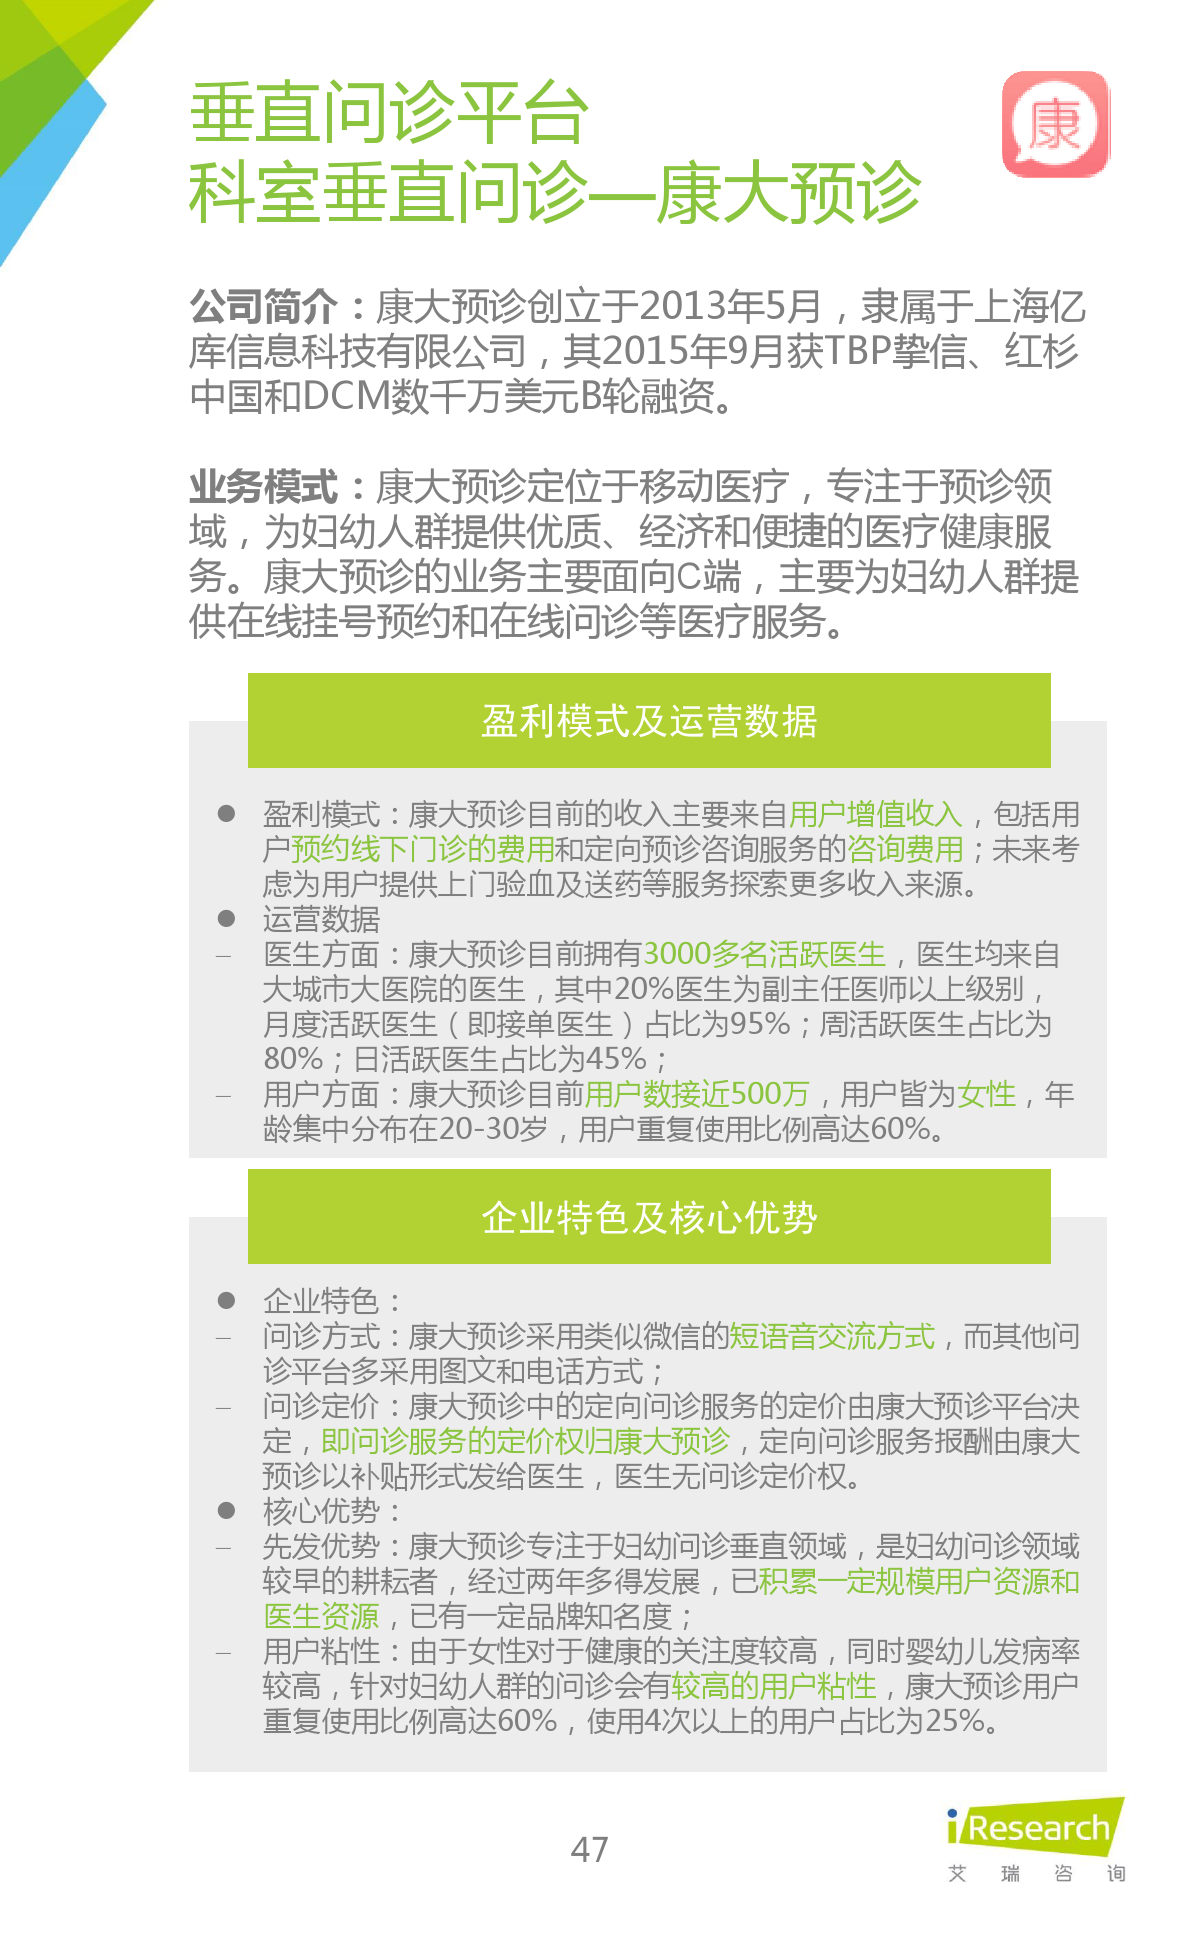 2015年中国在线问诊行业研究报告_000047